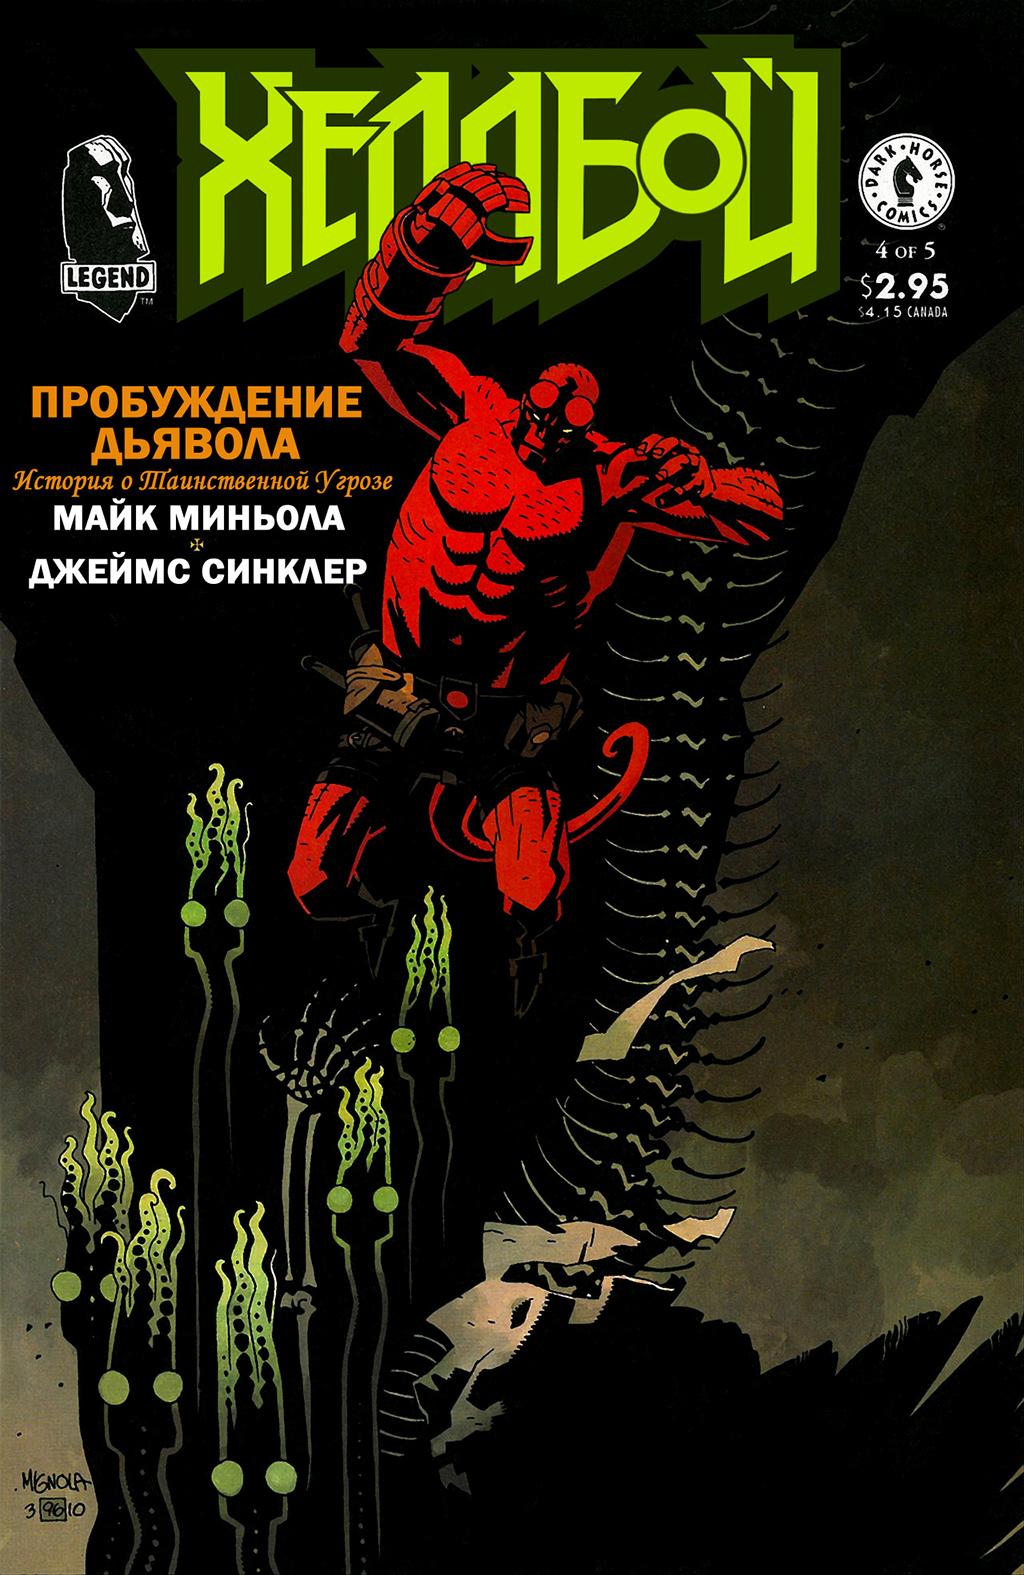 Комикс Хеллбой: Пробуждение Дьявола